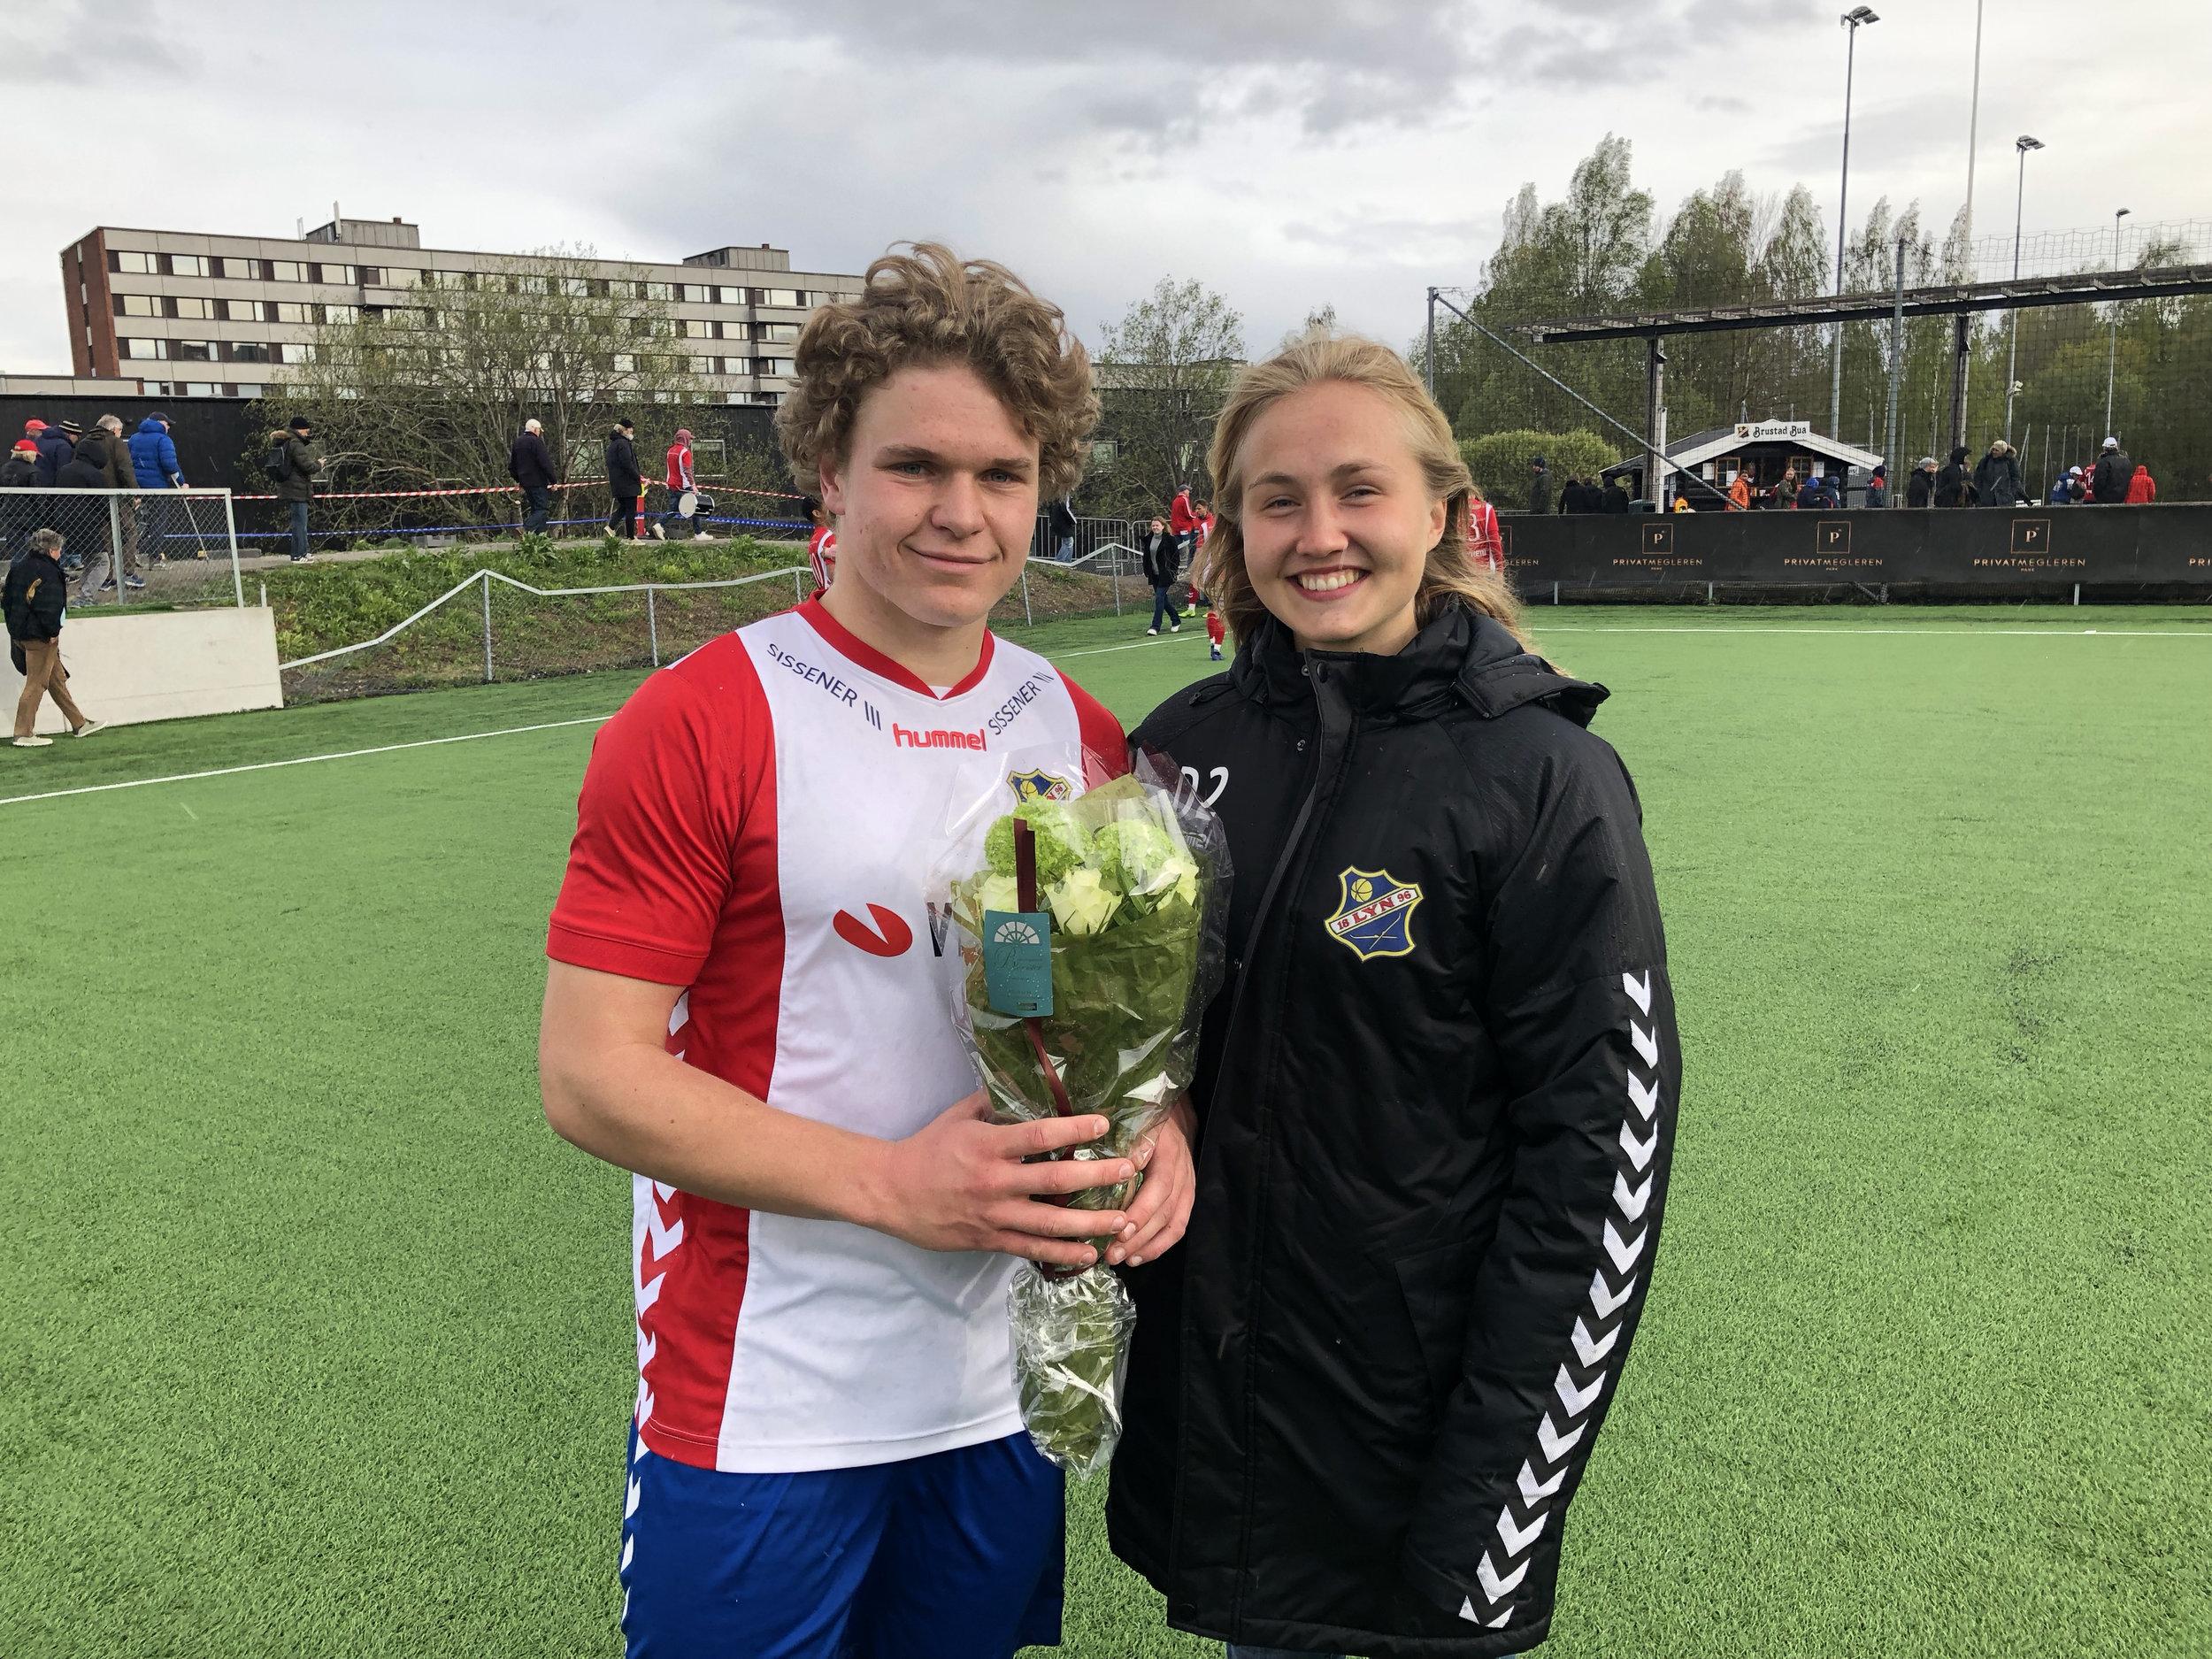 August Randers og Noor Eckhoff. Foto: Lyn1896